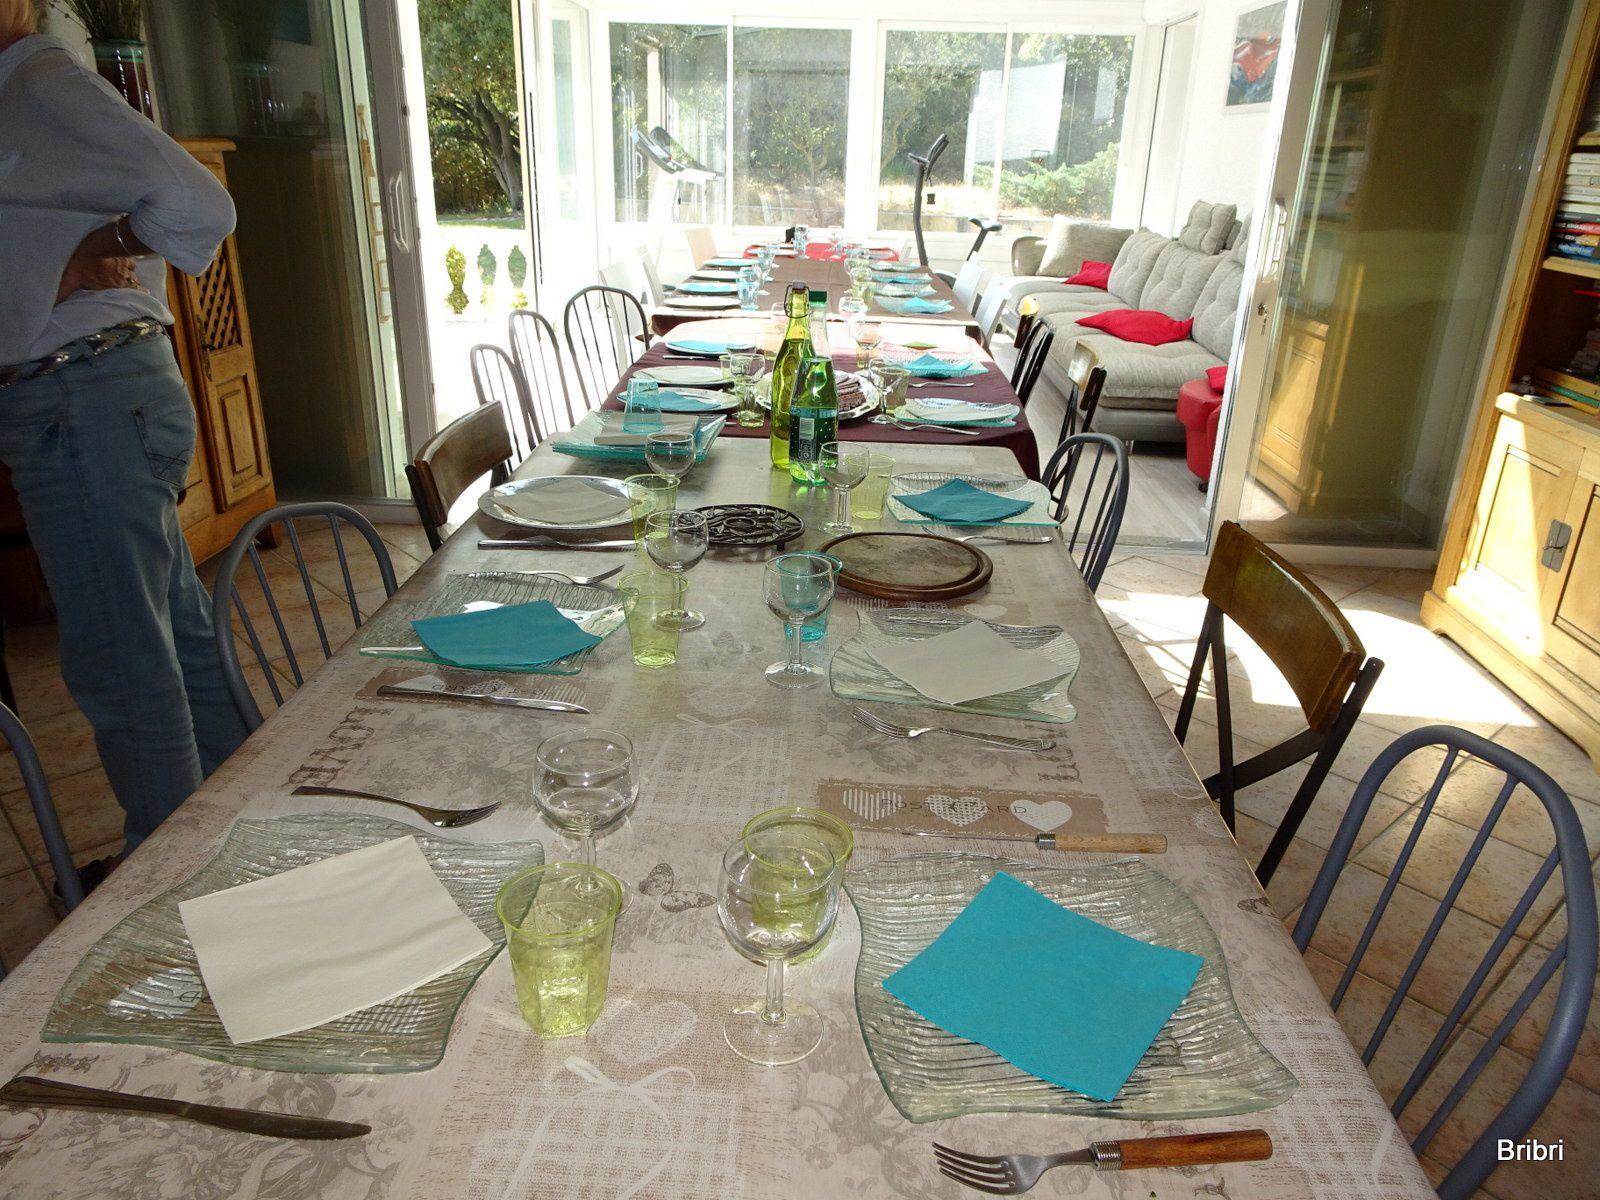 Retour chez Hervé et Patricia. Les hommes papotent pendant qu'en cuisine on s'active et que l'on met la table. il fait très beau et chaud. On finit les restes de la veille, il y en a assez.